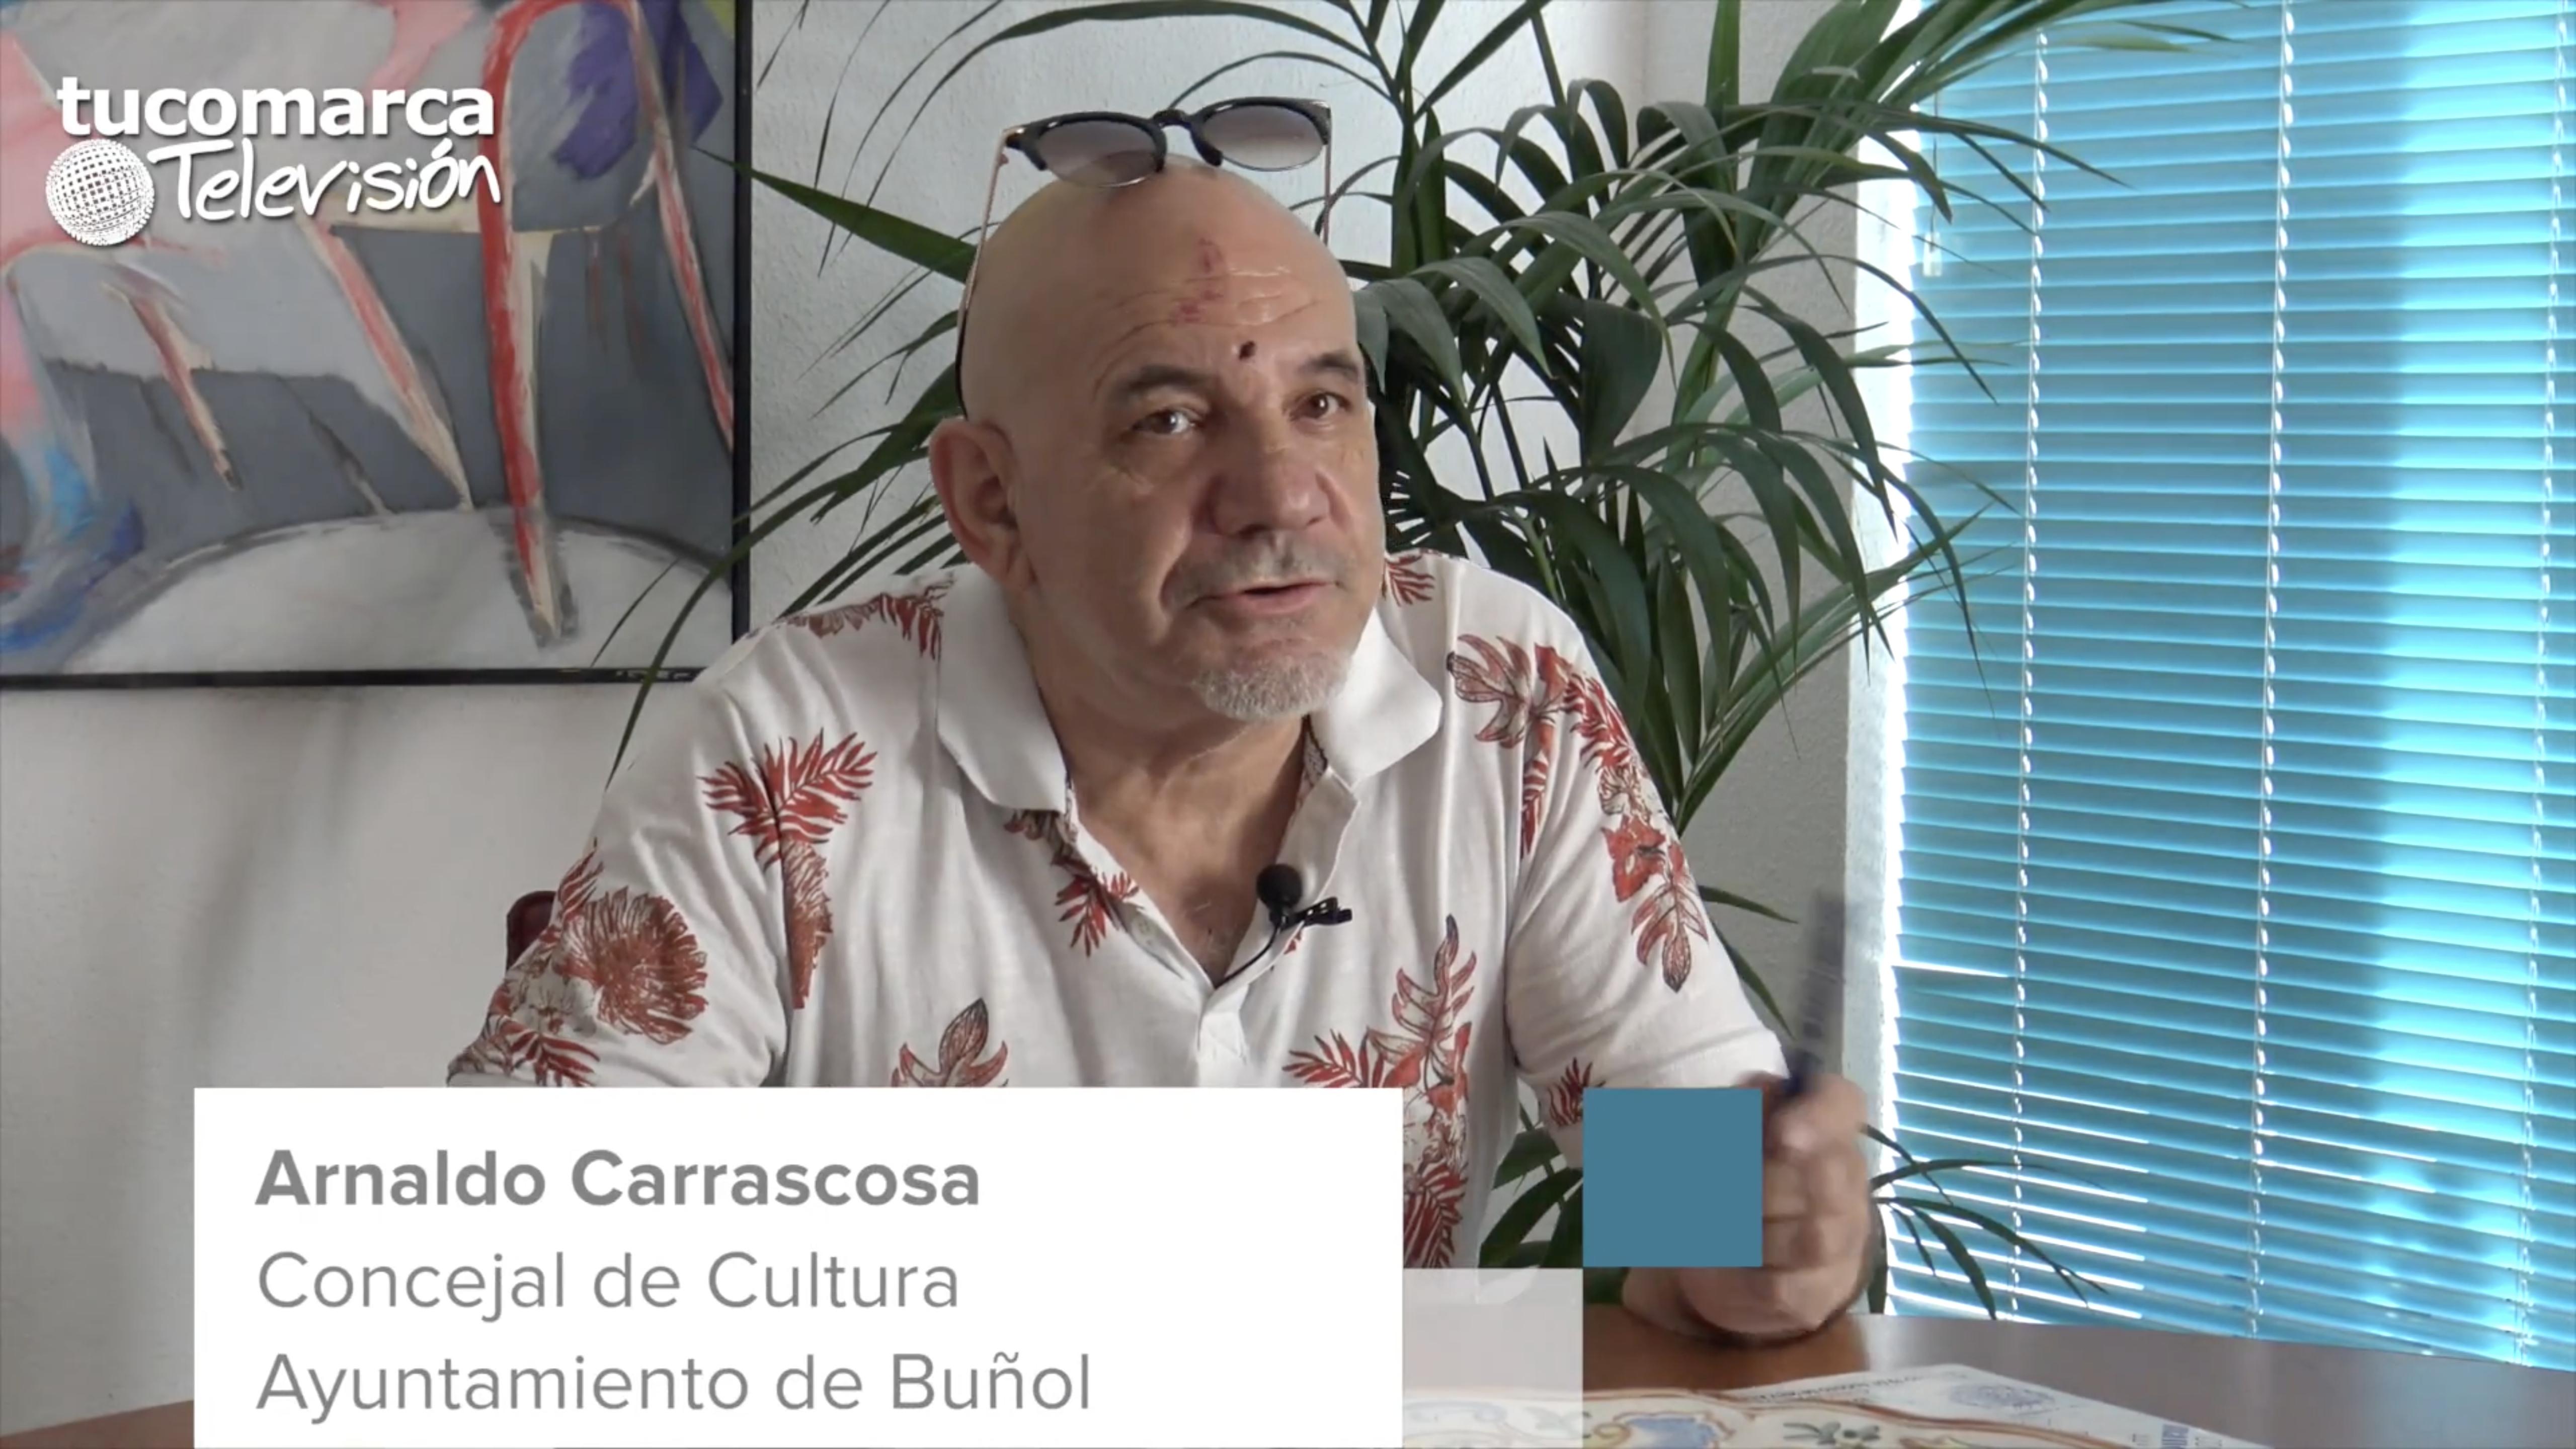 El concejal de Cultura del Ayuntamiento de Buñol, Arnaldo Carrascosa, durante la vídeo entrevista concedida a tucomarca.com.